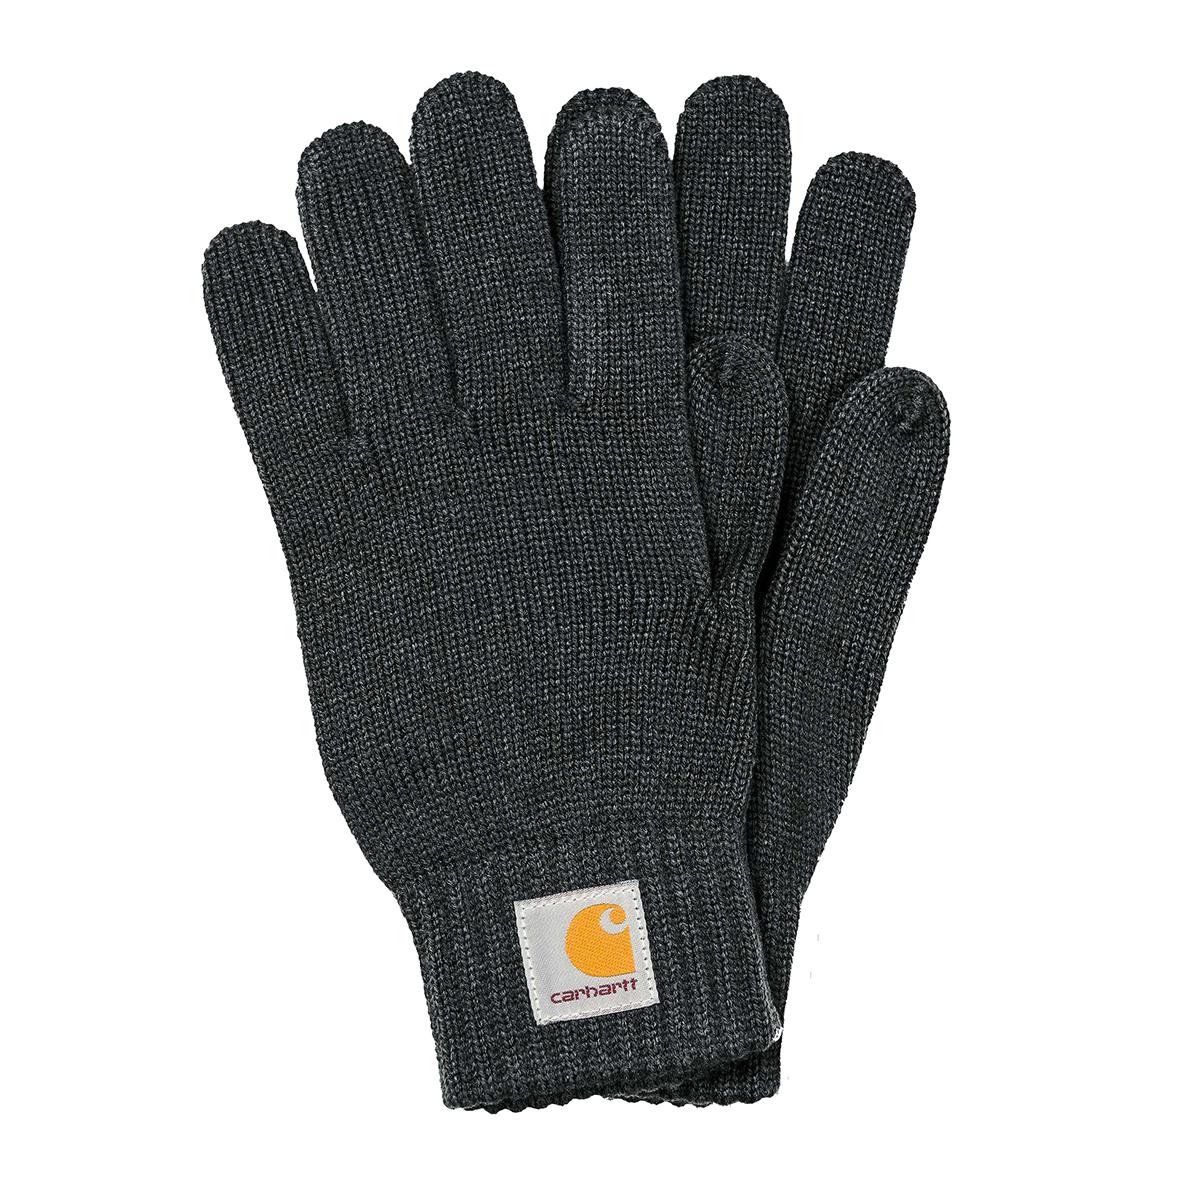 Carhartt gloves adtech pro 80